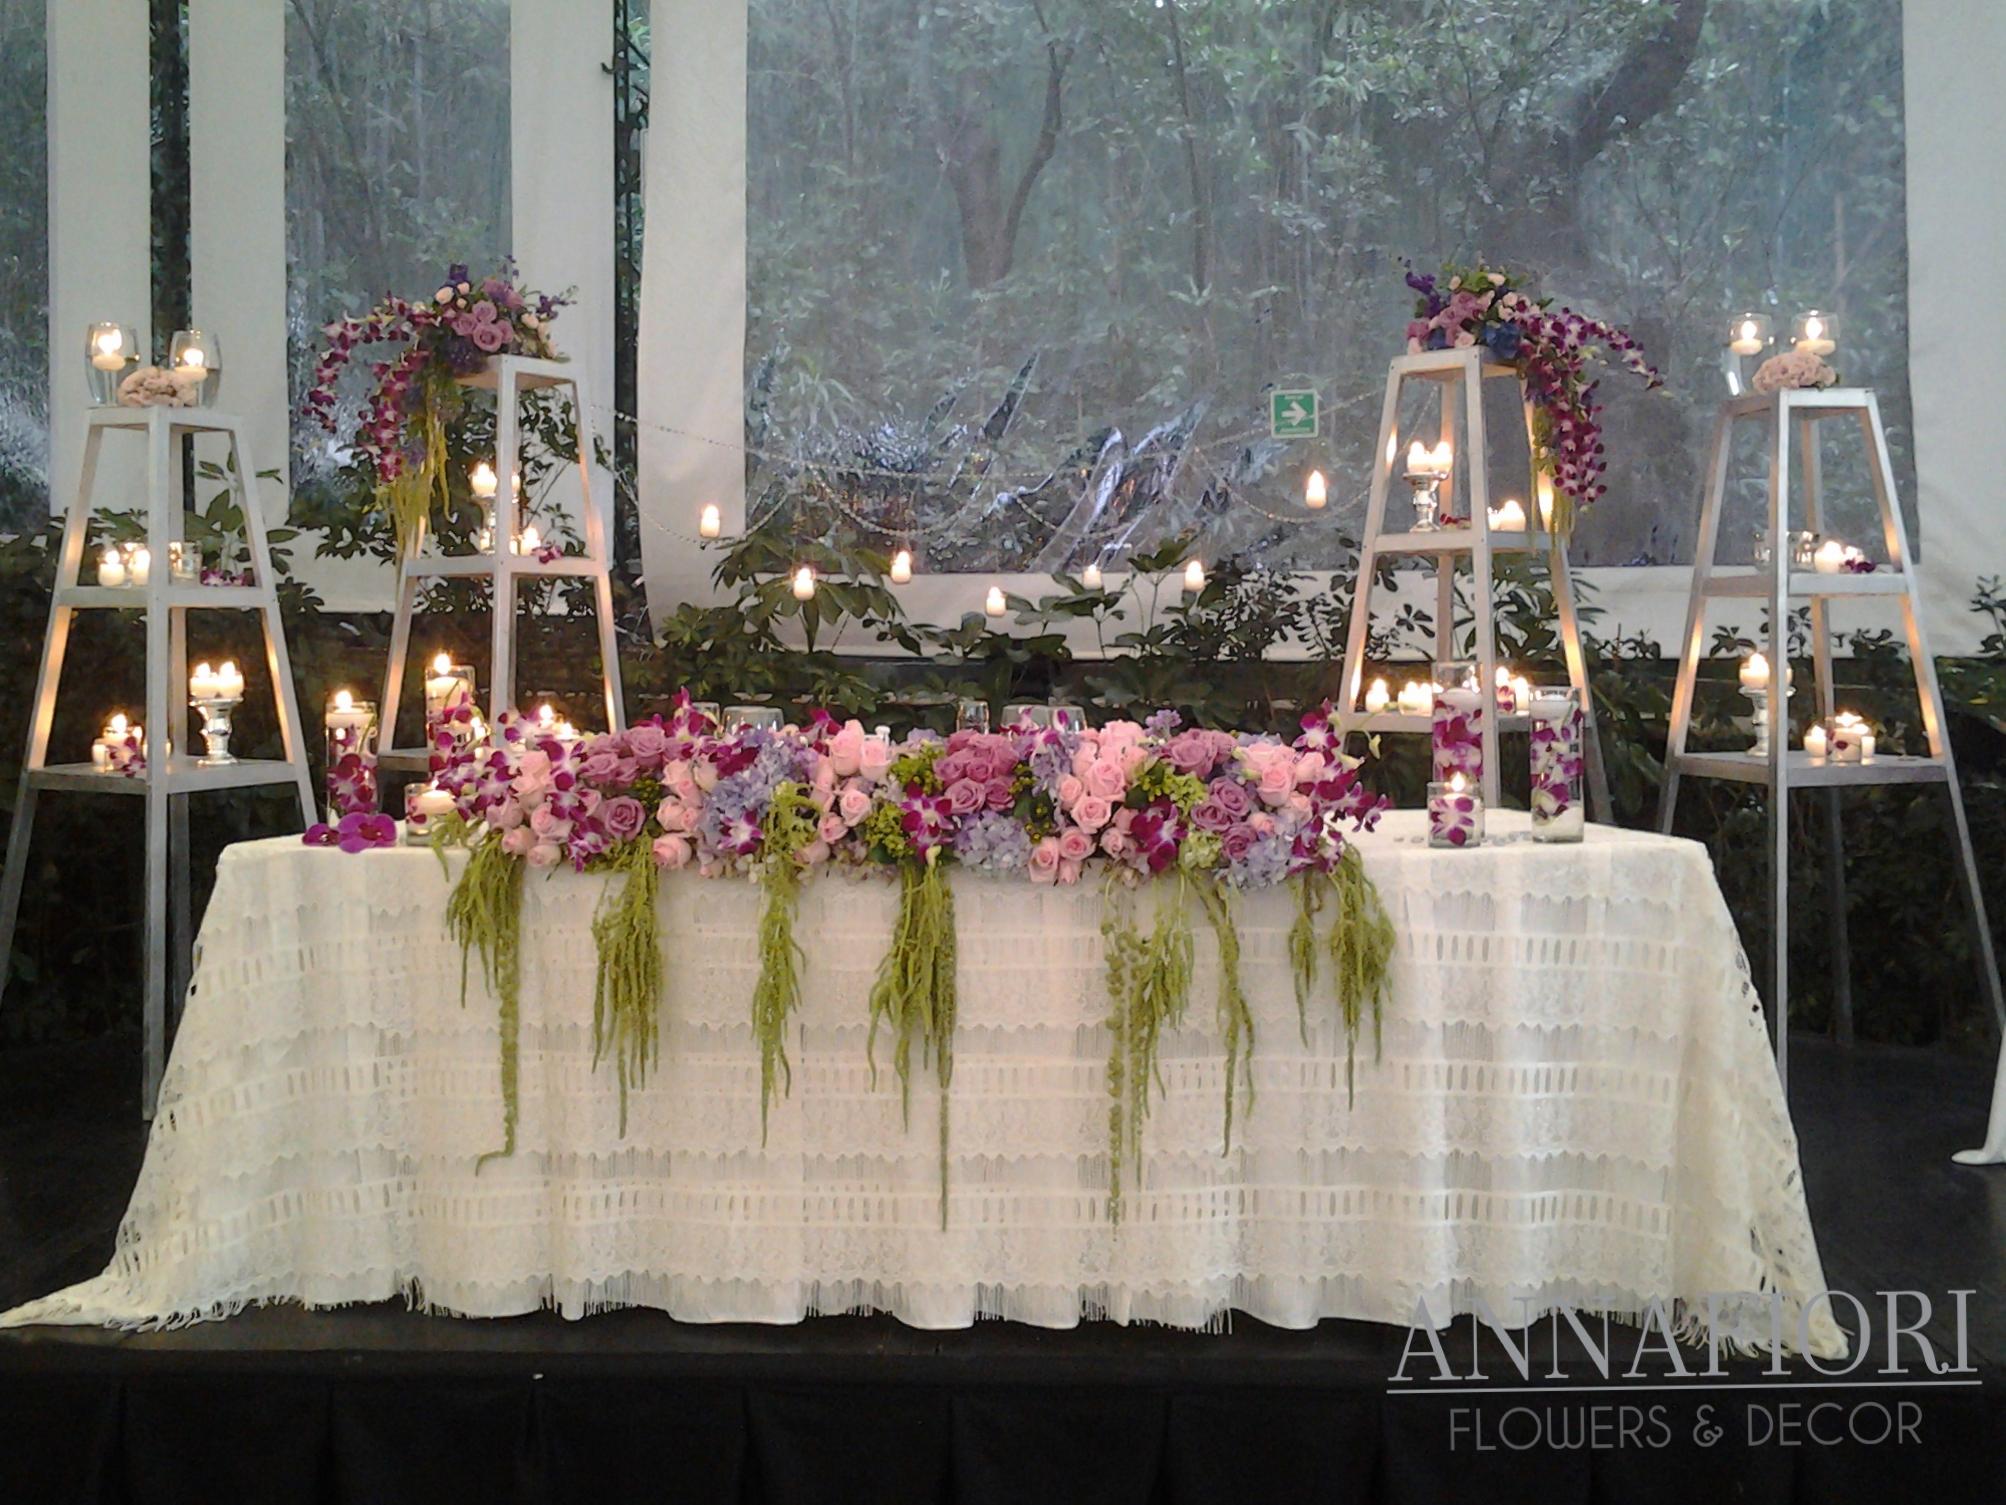 decoración de mesa de novios by Annafiori.jpg